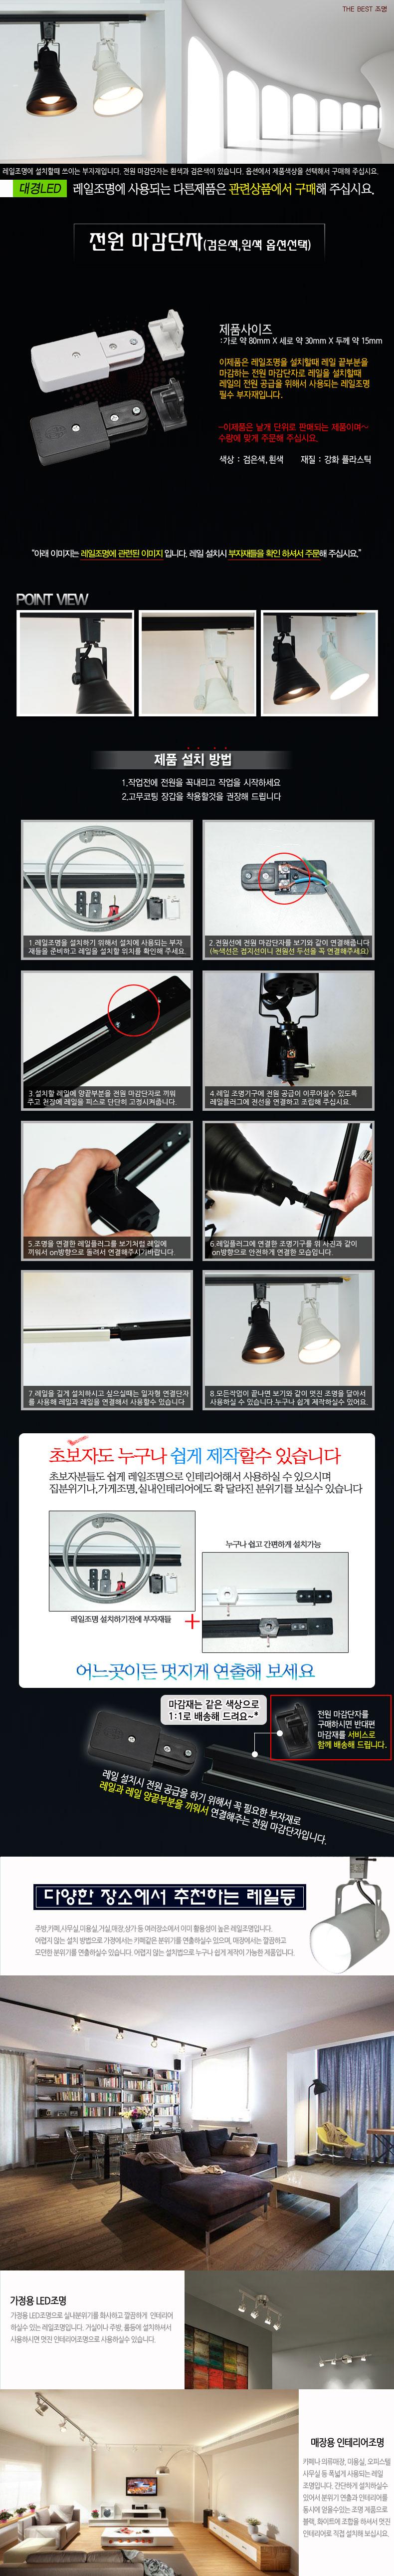 레일 전원 연결/마감단자 (흰색/검정색) LED조명 레일조명 룸조명 ...